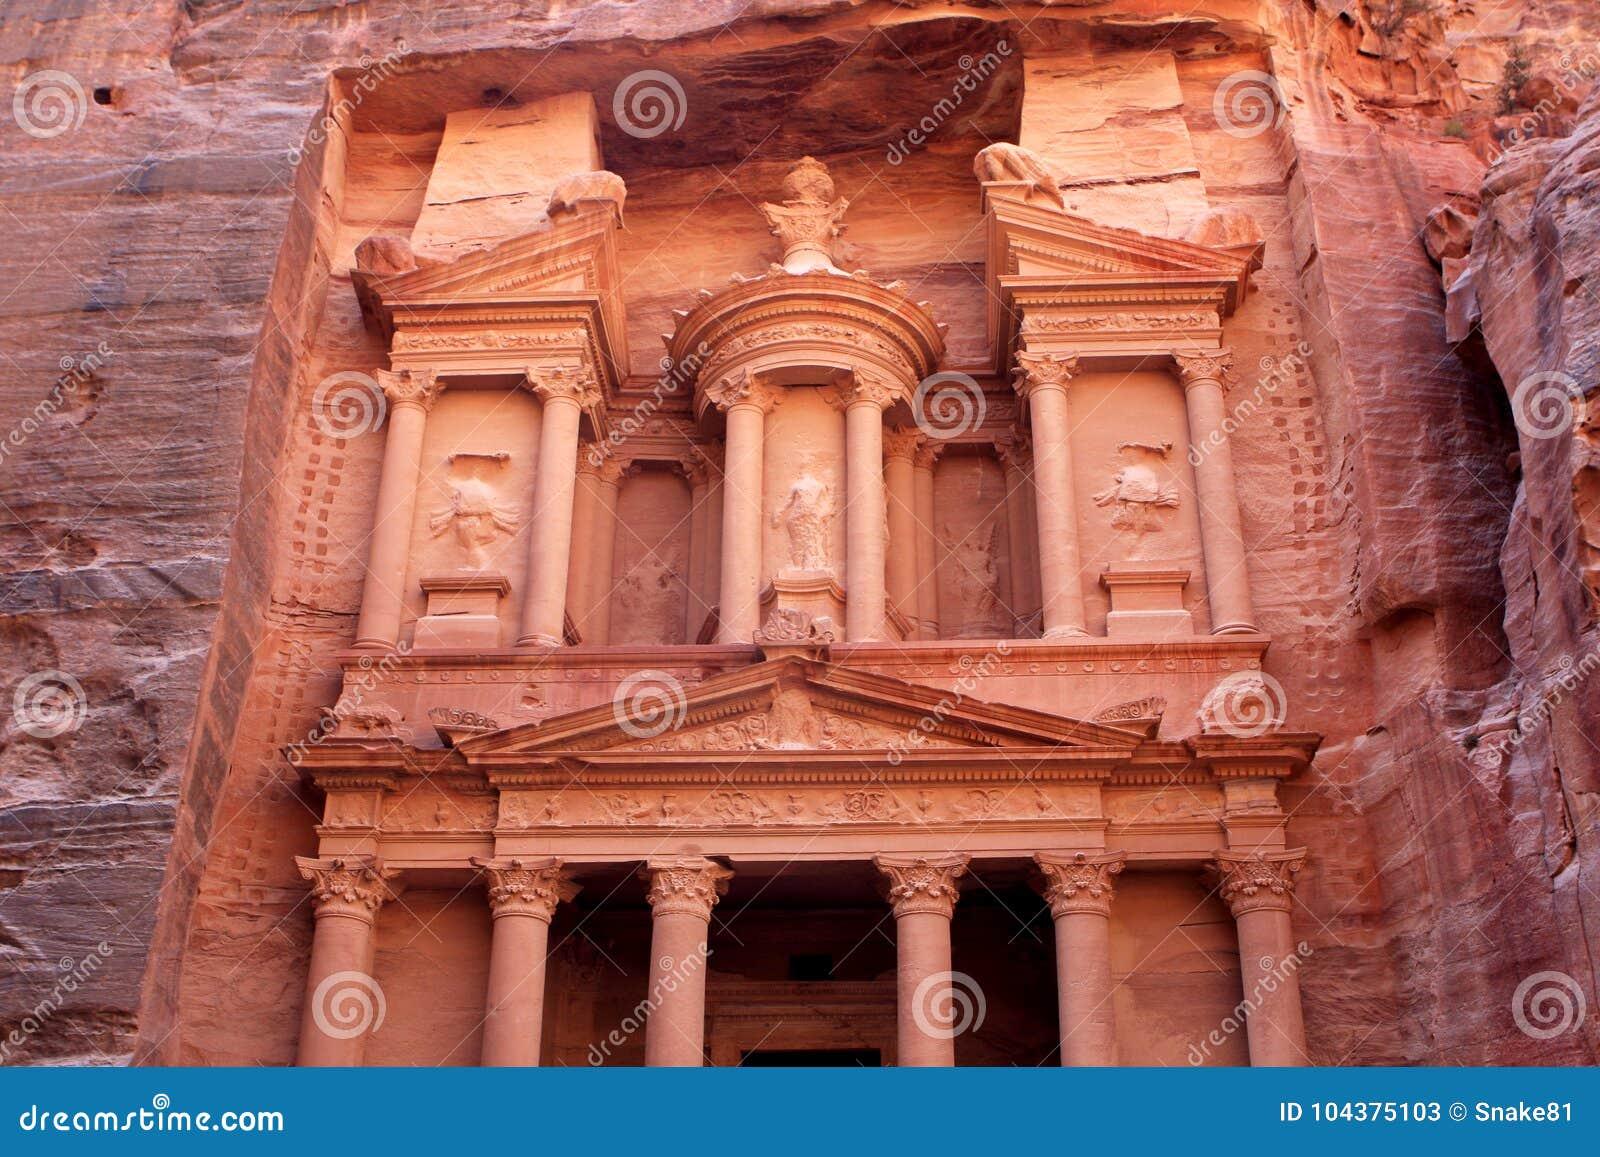 Al-Khazneh temple in Petra, Jordan